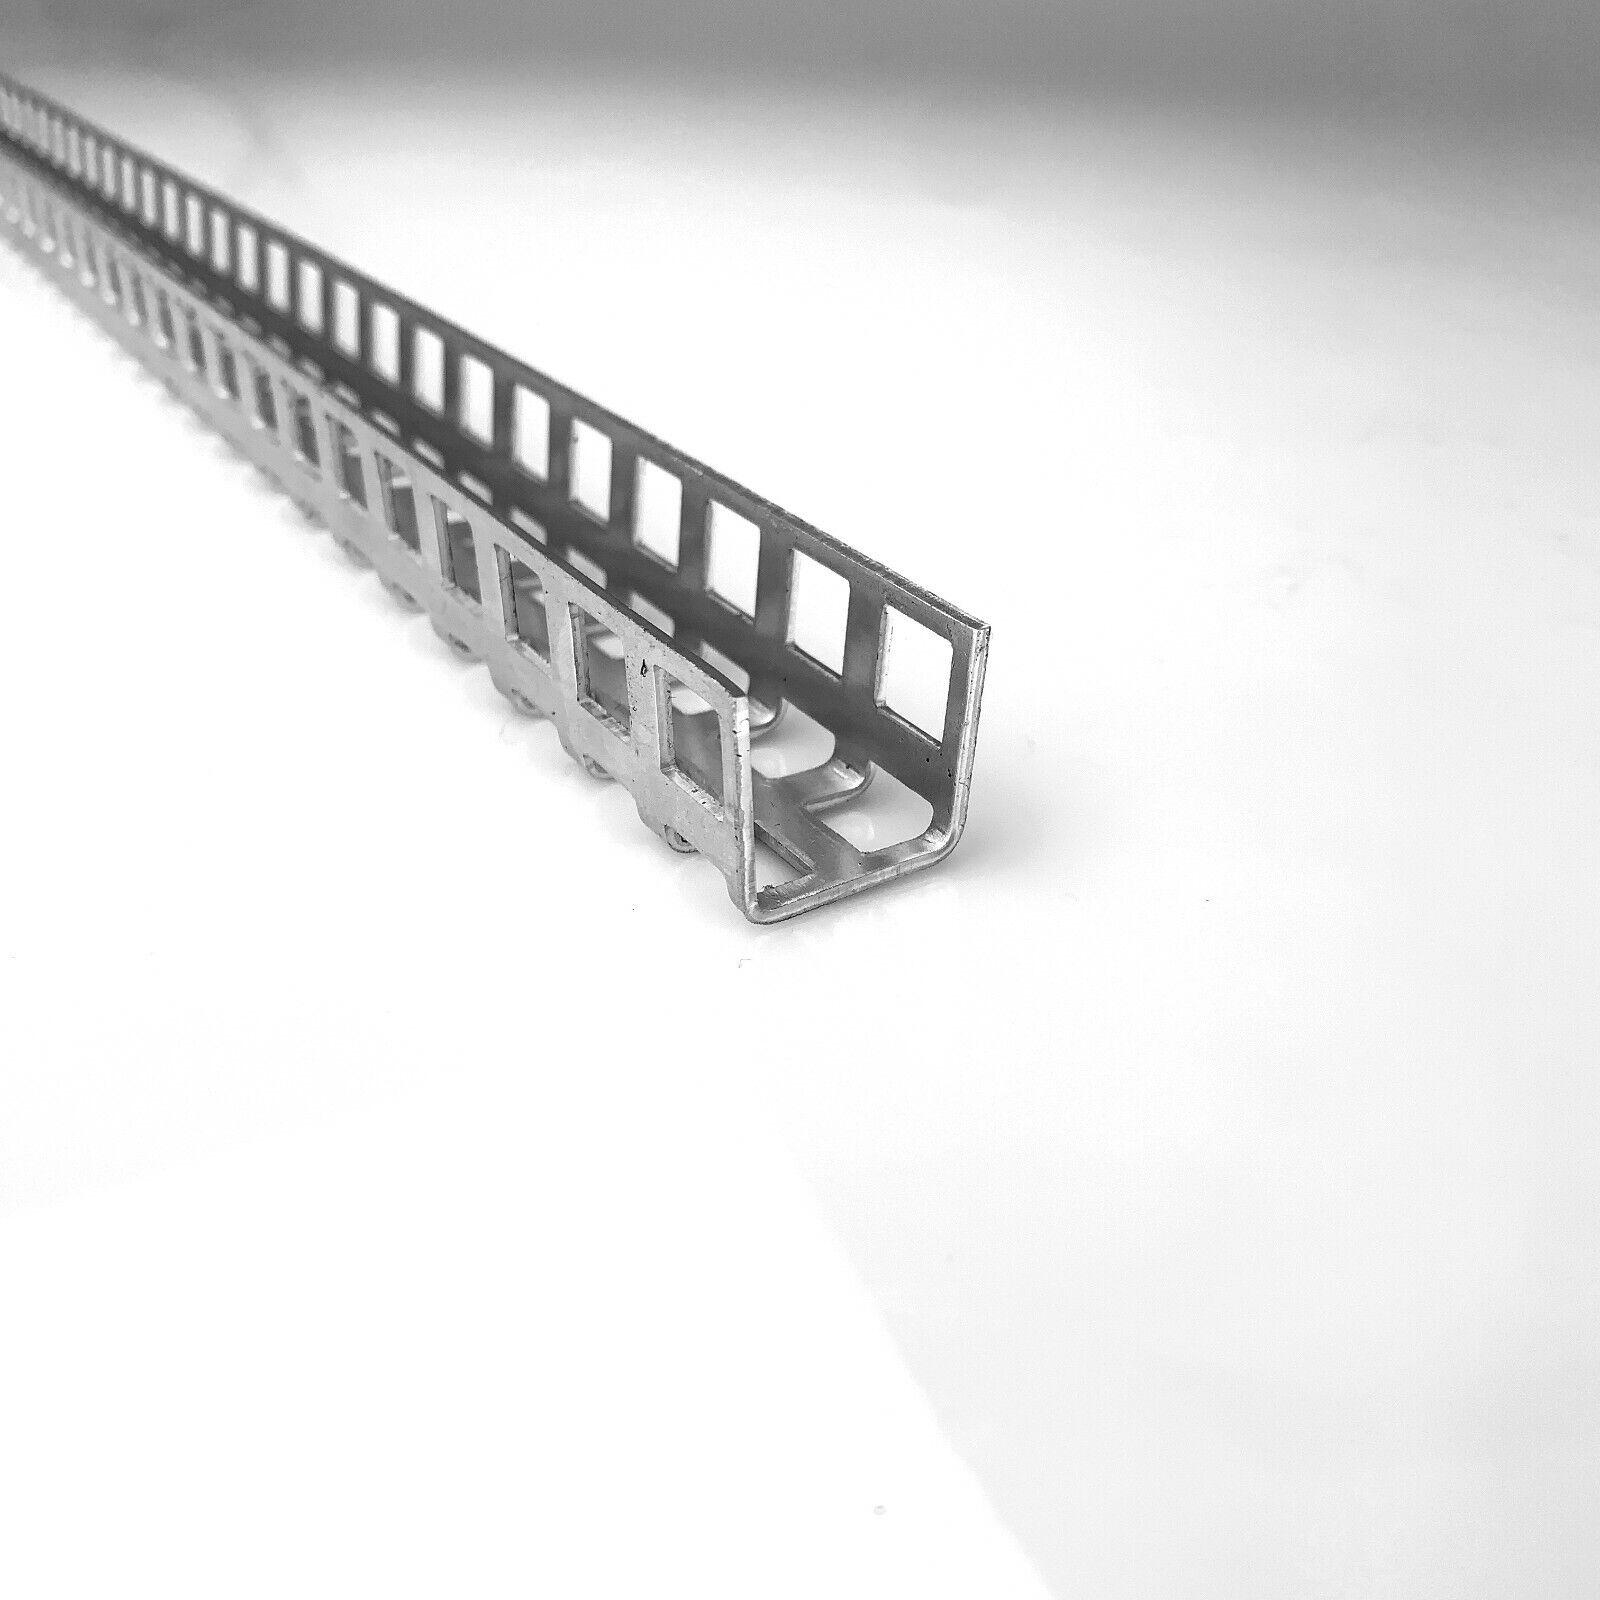 Alu U-Profil Schwarz RAL 9005 U-Winkel Aluminium  Kabelabdeckung  U-Schiene